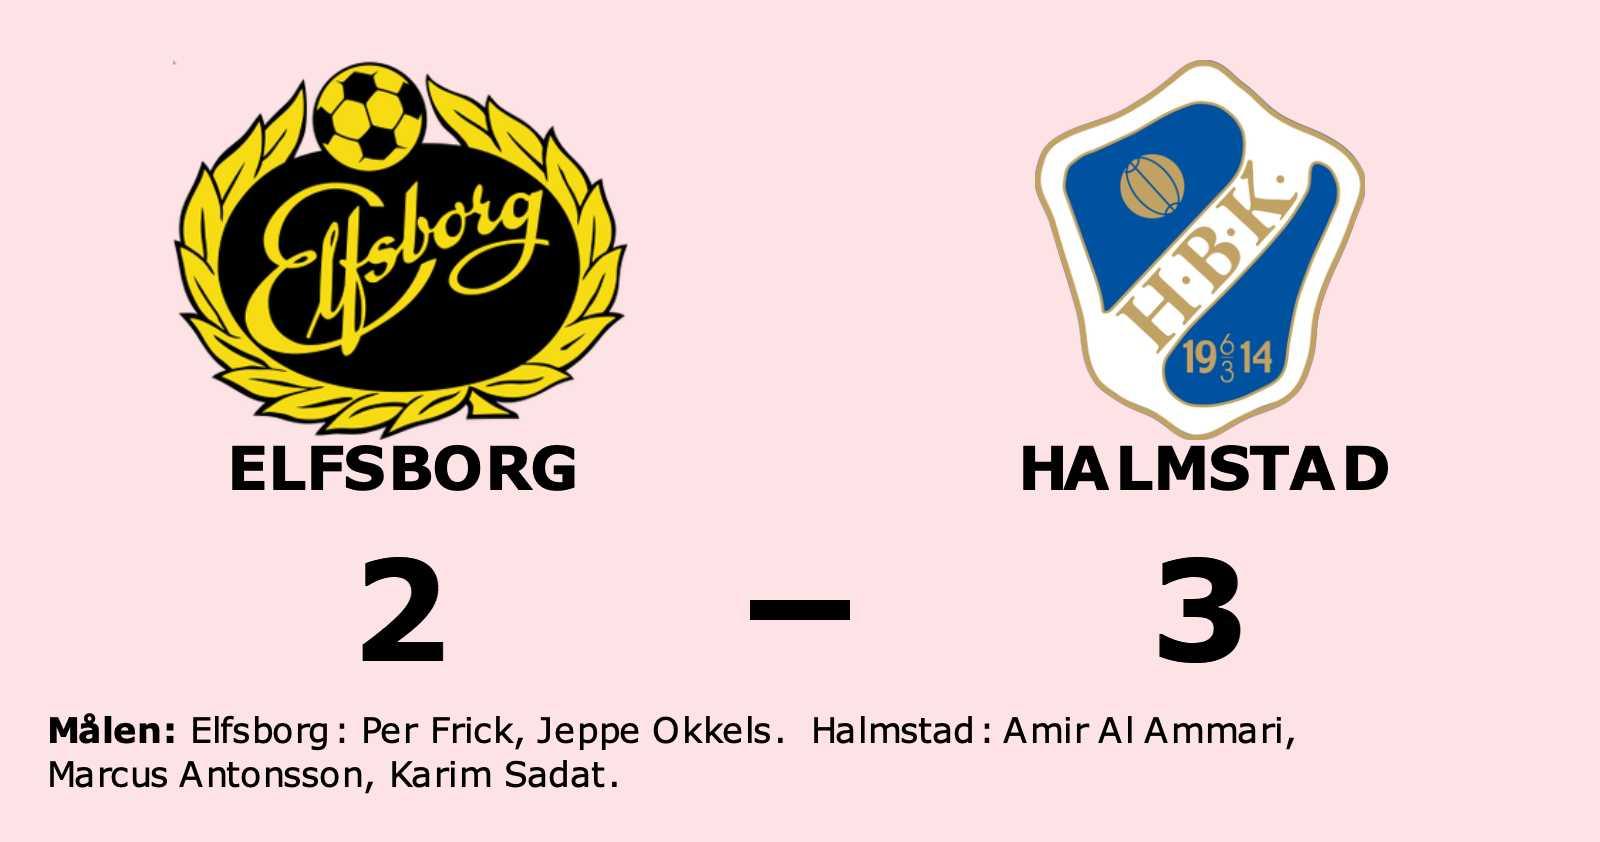 Halmstad äntligen segrare igen efter vinst mot Elfsborg